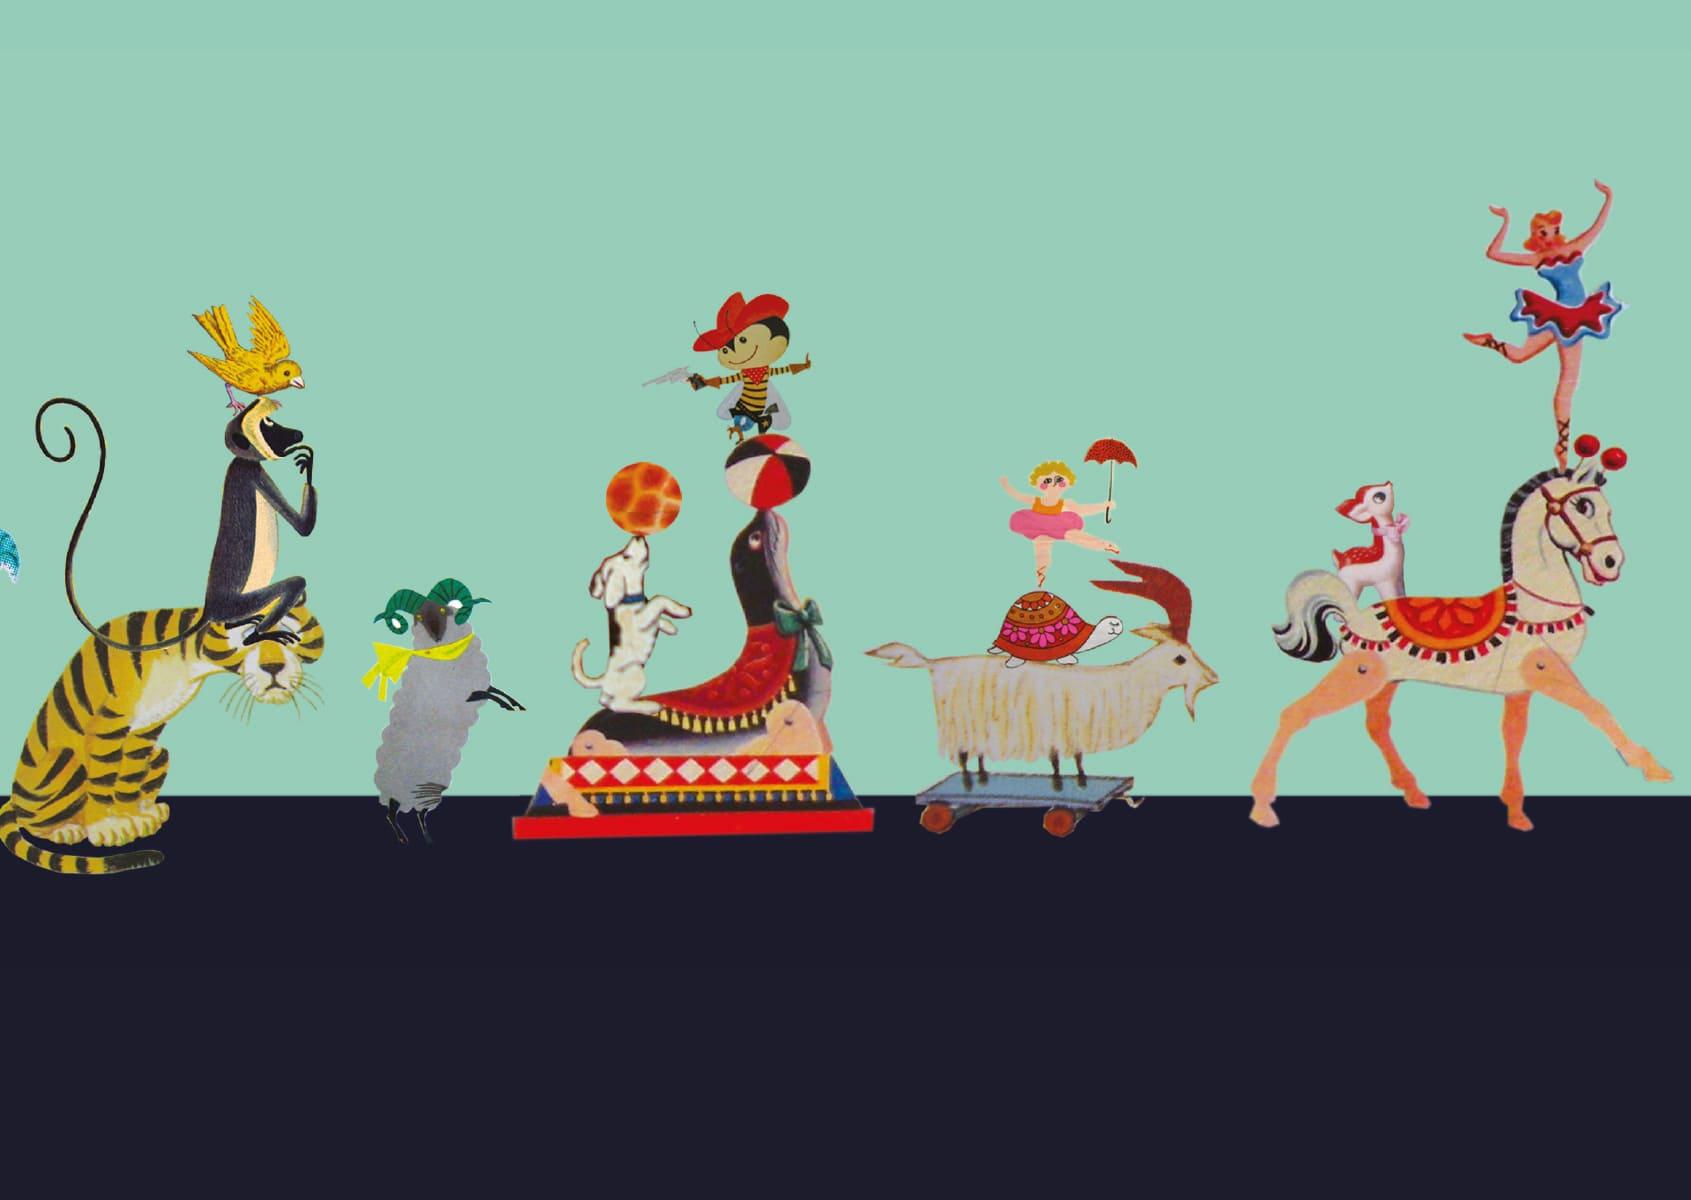 Origineel uniek feest vintage retro poesie nostalgie gezellig vrolijk kleurrijk stoer schattig nostalgisch fantasie creatief art kunst illustratie illustration gouden boekje kijkplaat zoekprent zoekplaat zoekboek kinderboek festival reizen gepersonaliseerd Bloemen dieren broer zus kindje meisje jongen genderneutraal gender neutraal cultuur huidskleur zwart donker Turks Chinees Marokkaans Surinaams Antilliaans ansicht postkaart postcard postcrossing post stationary stationery verjaardag parade circus dieren